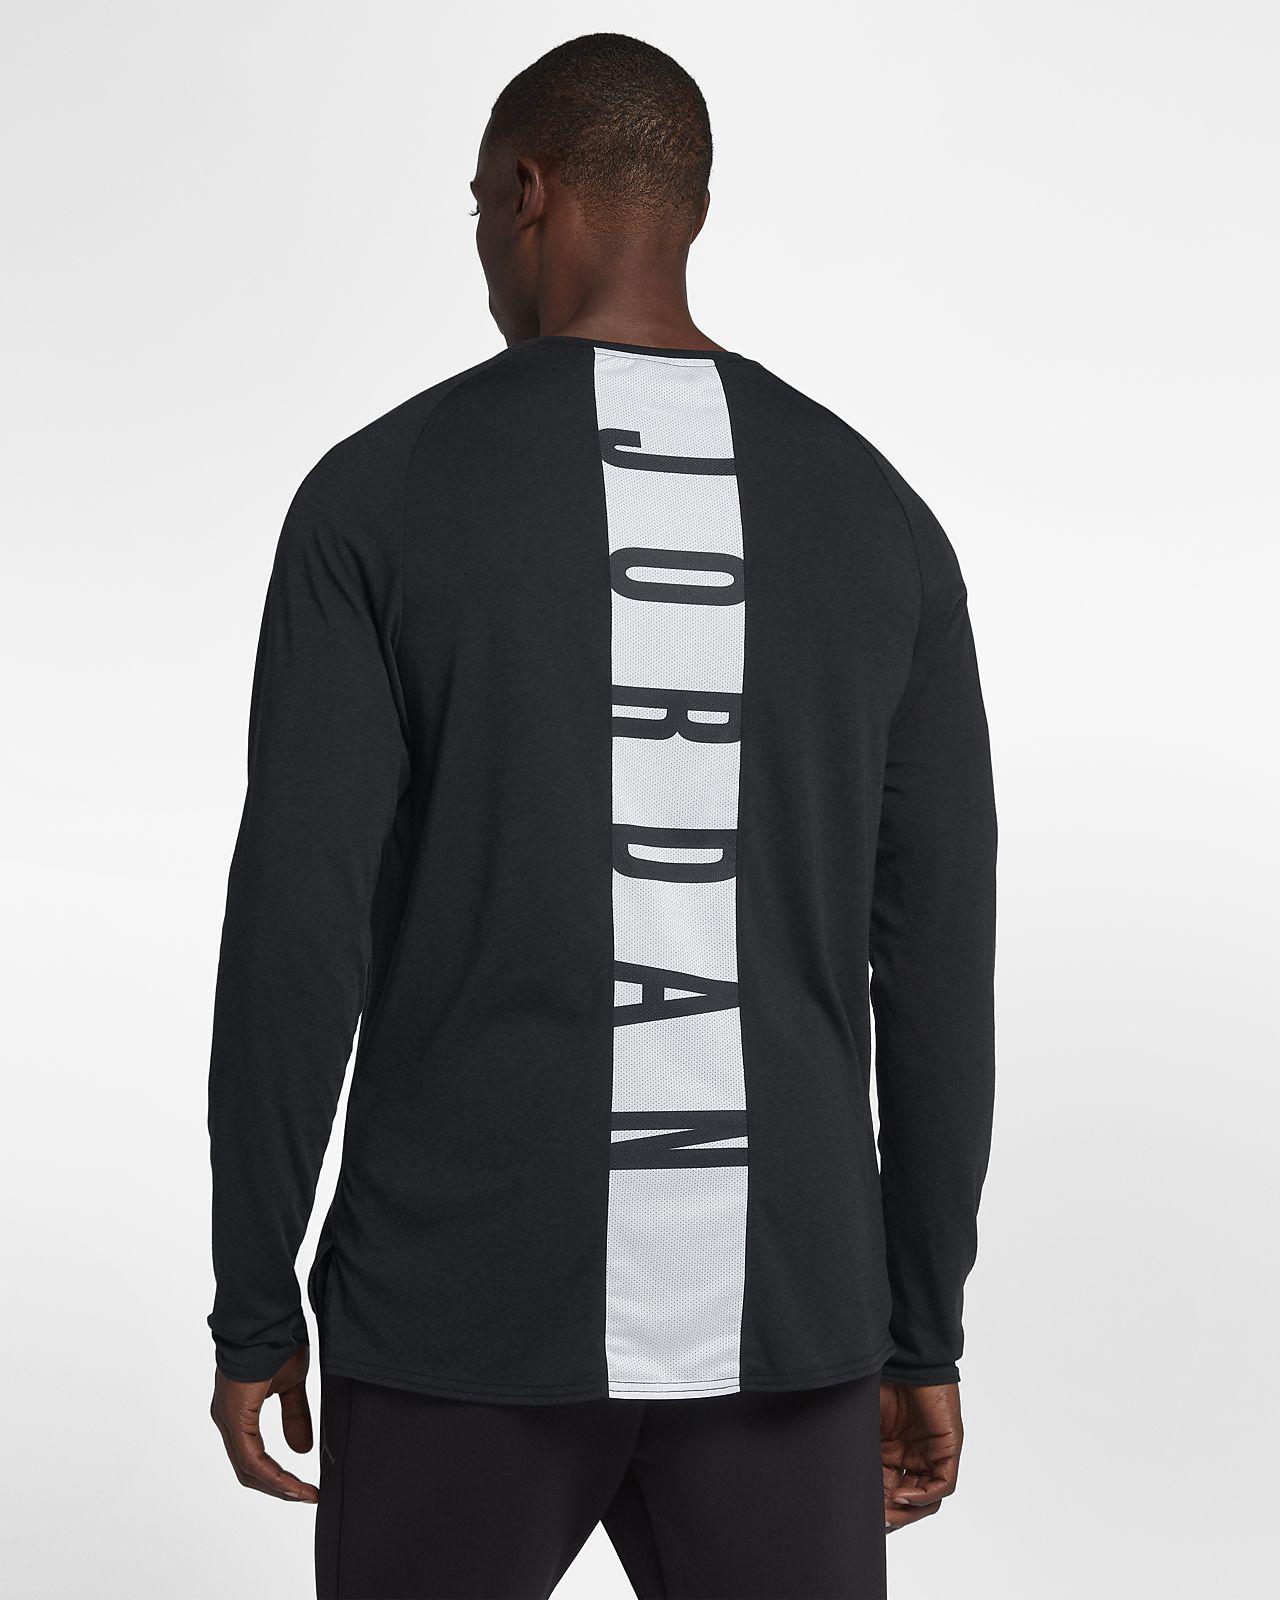 NIKE JORDAN DRI FIT 23 Alpha T Shirt Sport Fitness Herren